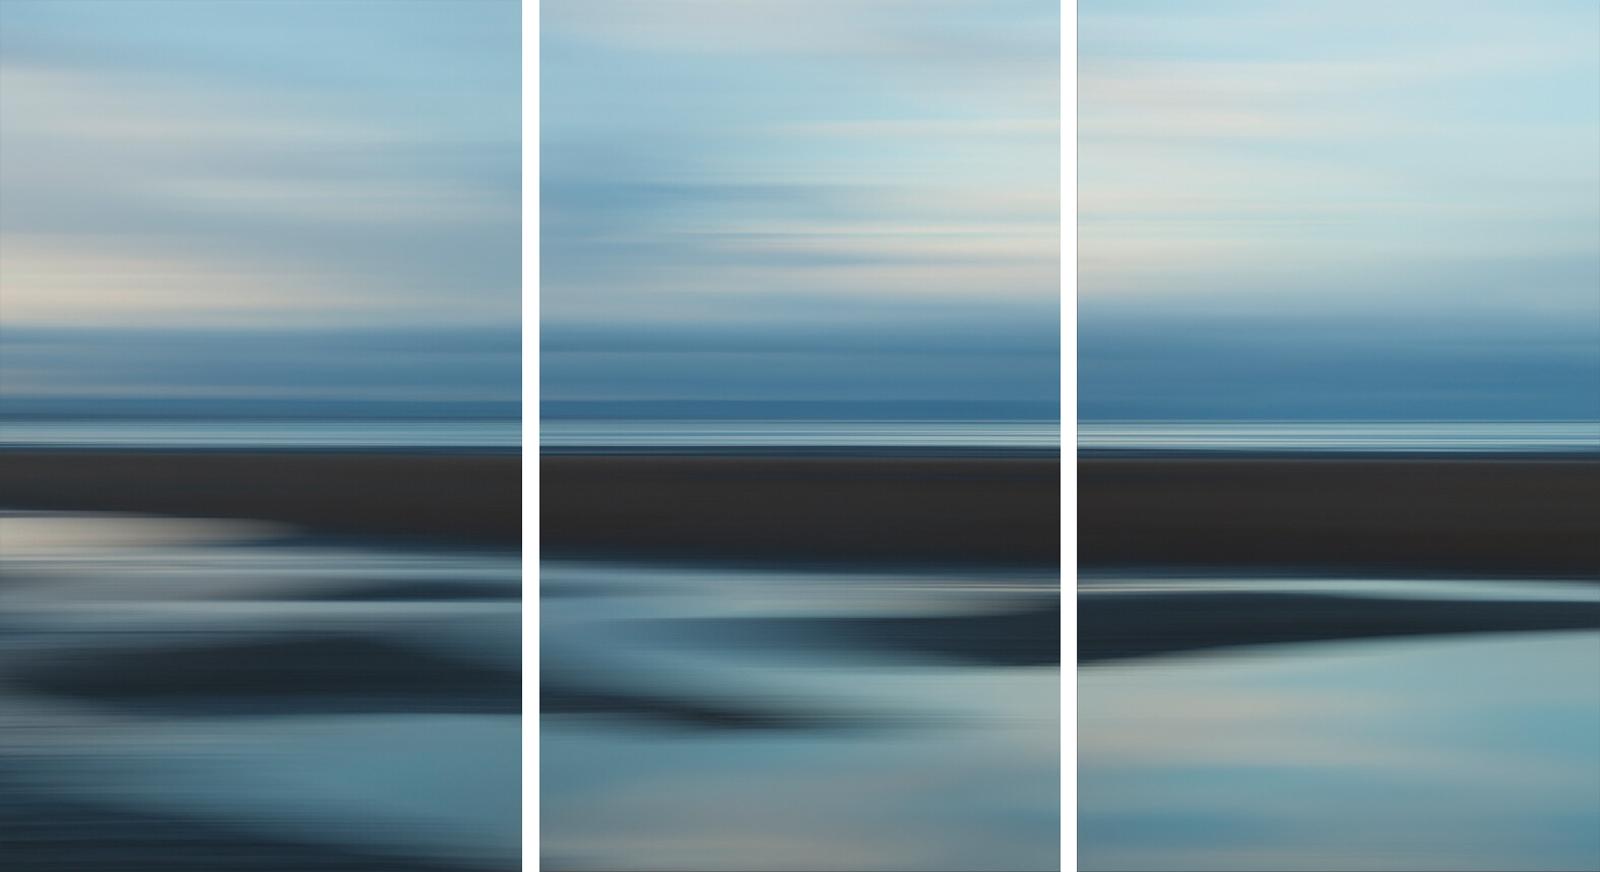 Crosby Beach - Josh Von Staudach